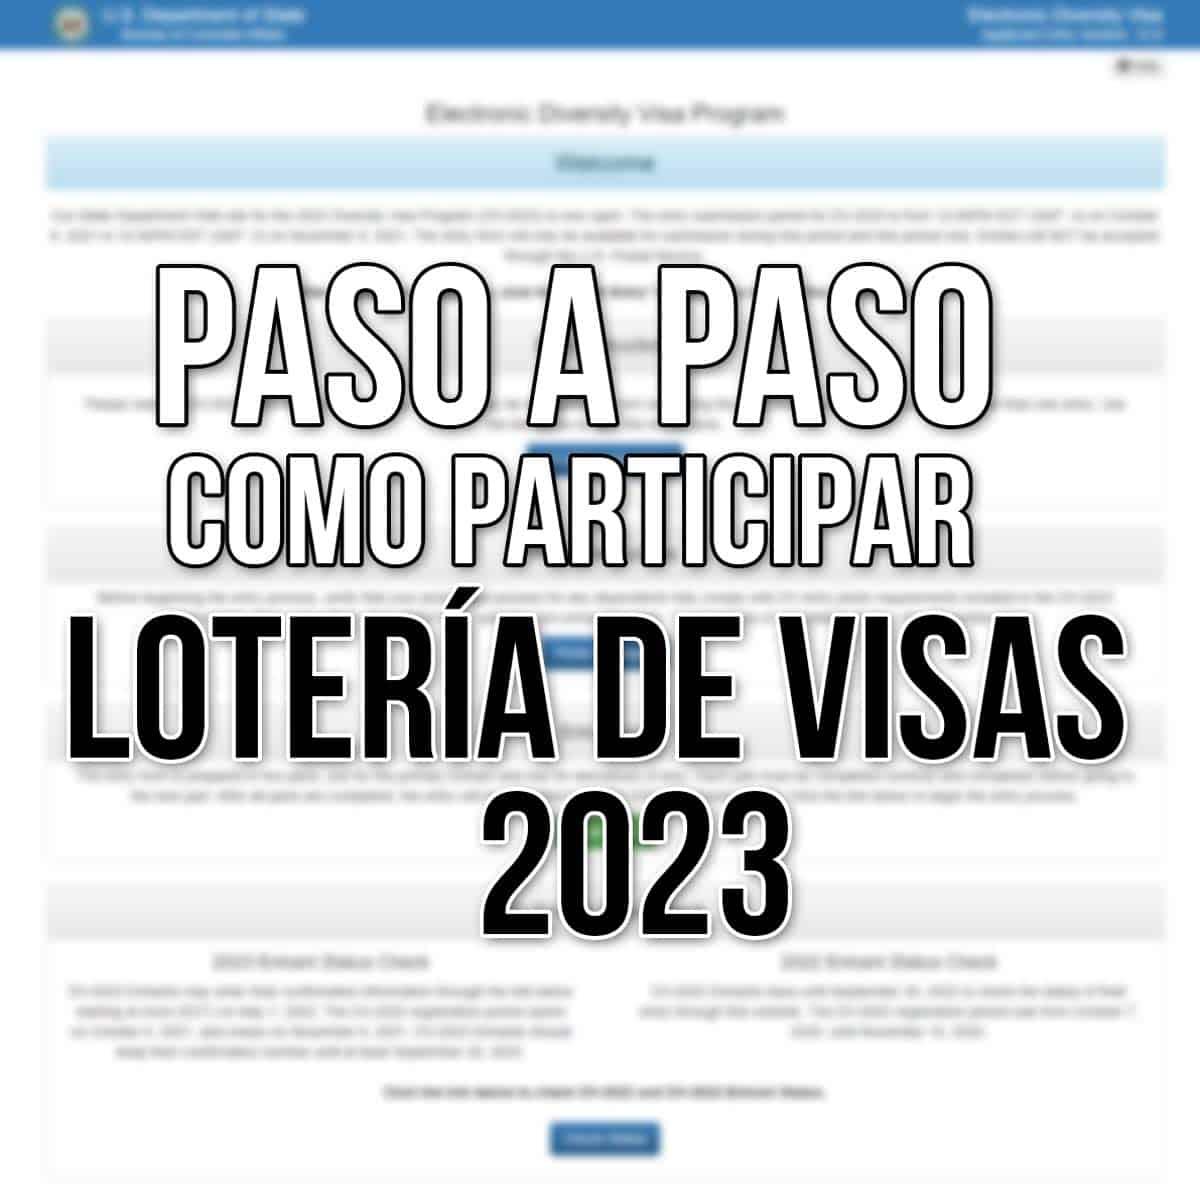 participar lotería de visas 2023